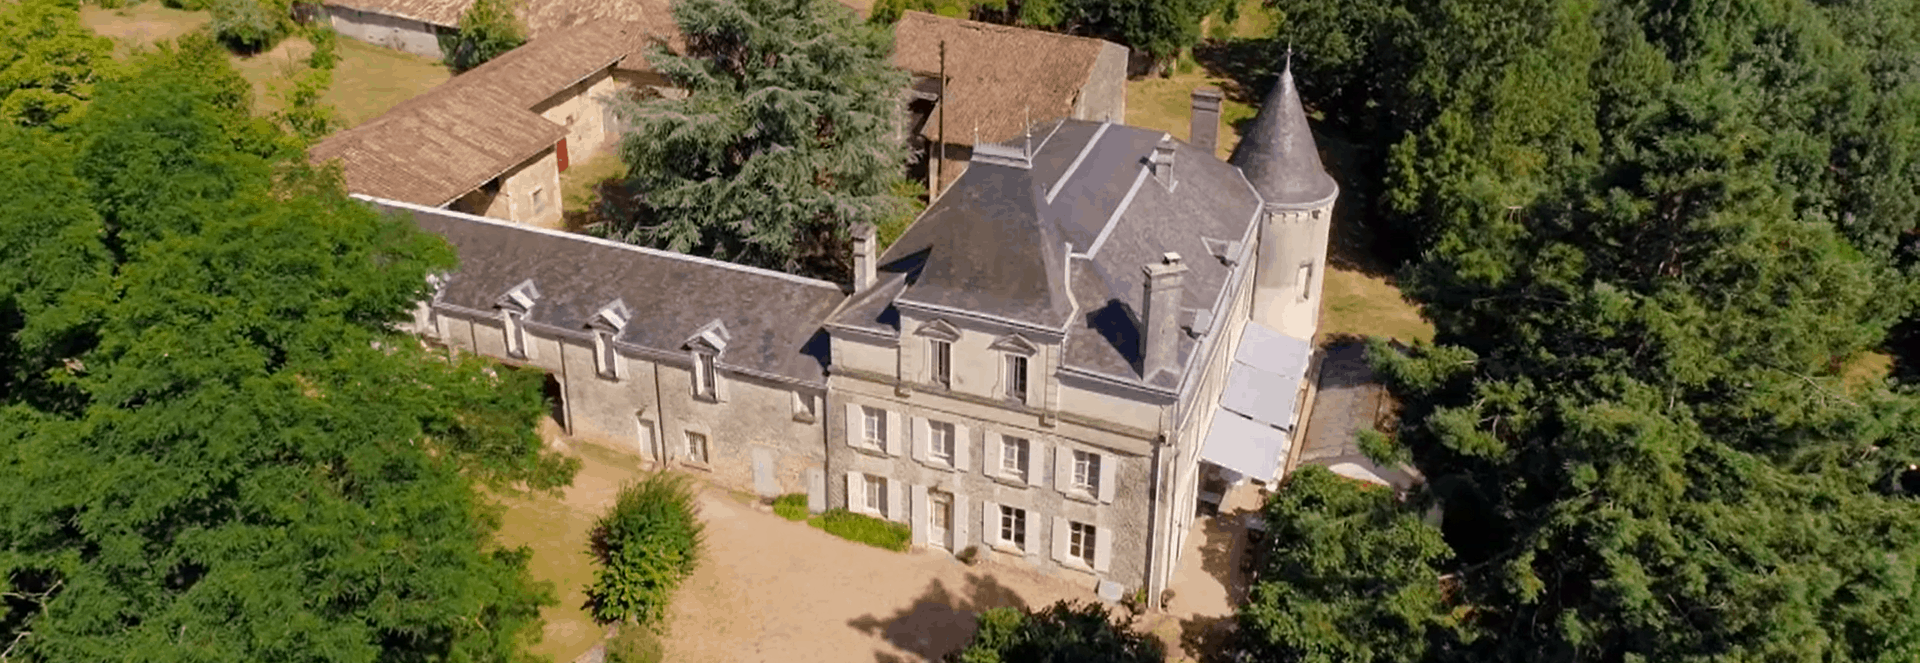 Chateau de Sauge